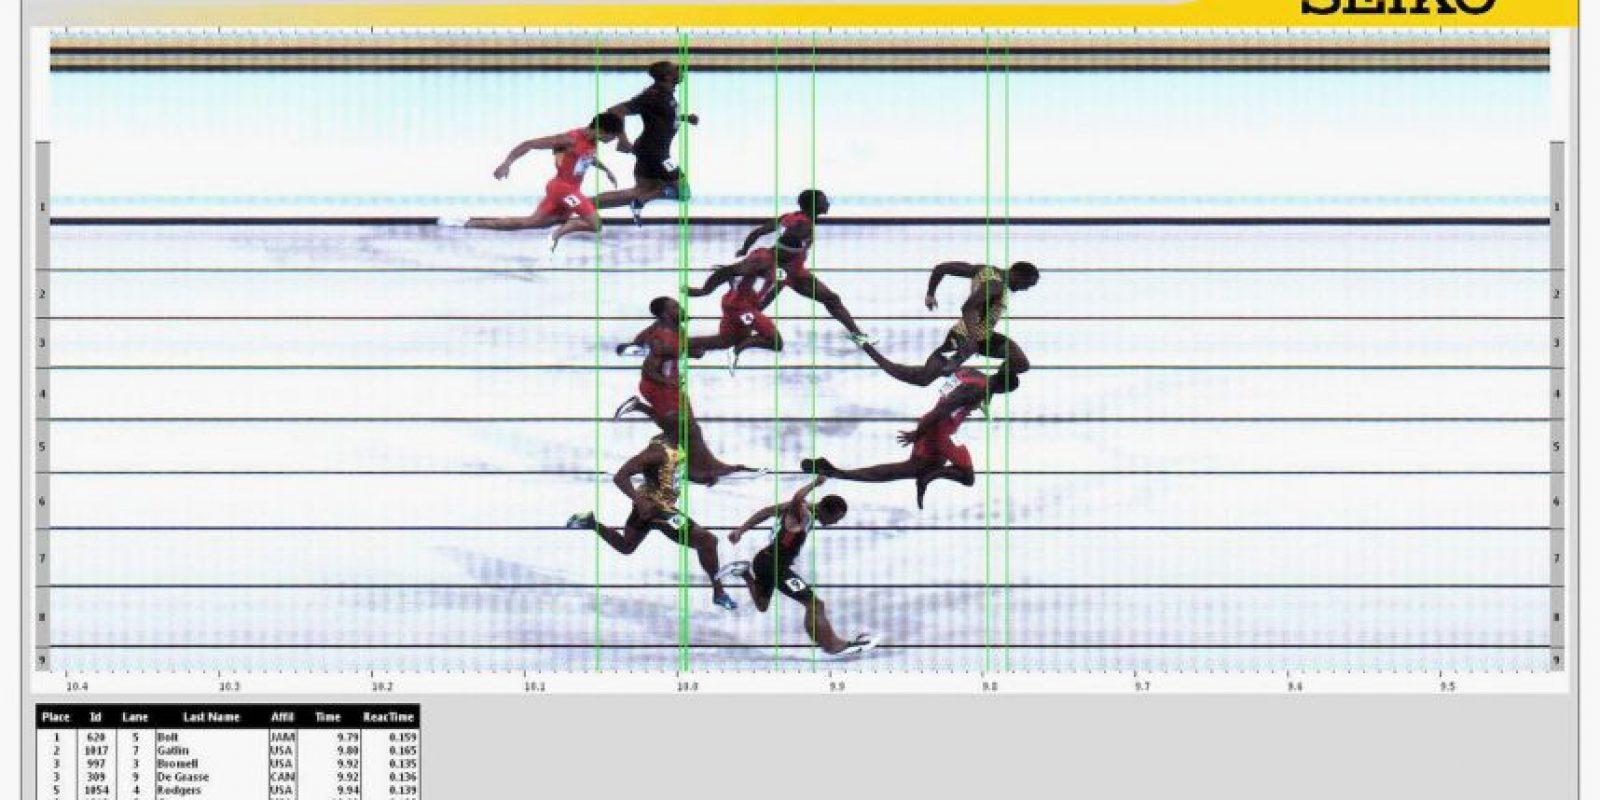 Así fue el duelo de Bolt contra Gatlin Foto:Getty Images